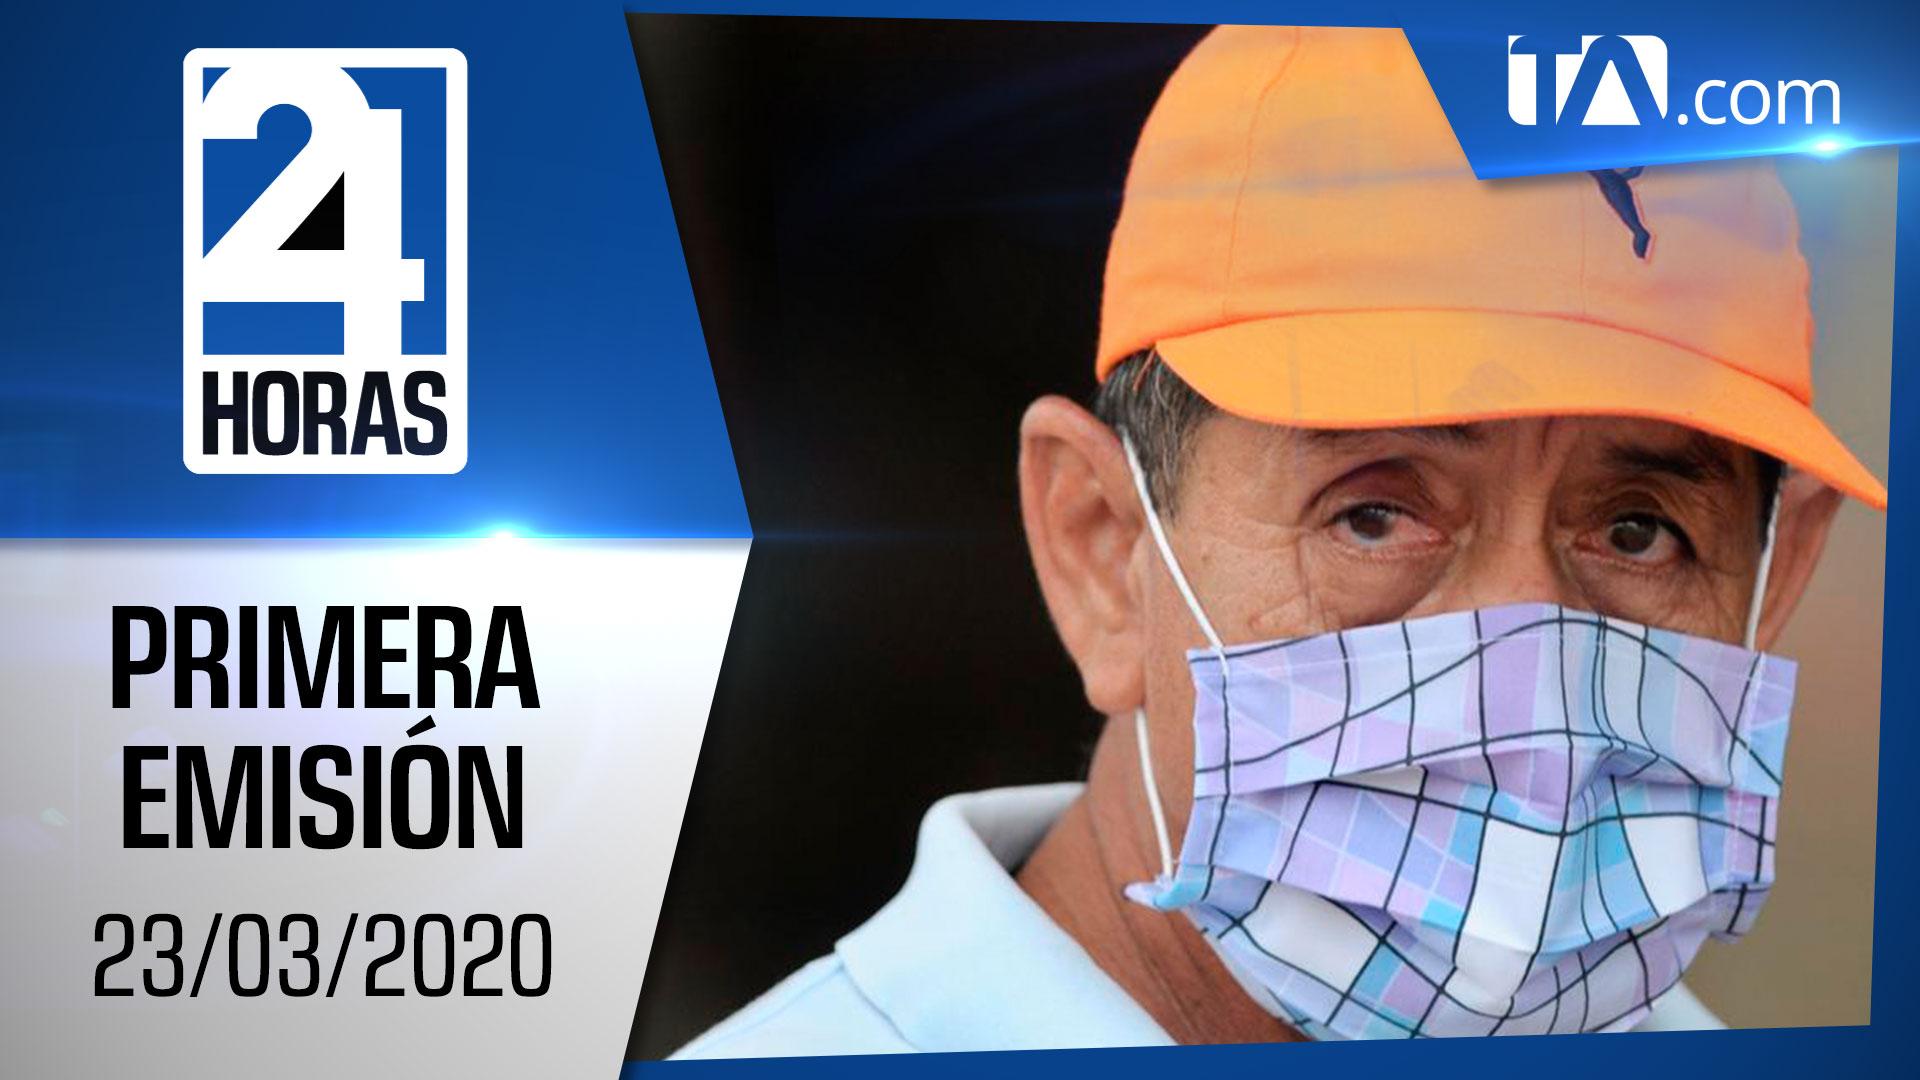 Noticias Ecuador: Noticiero 24 horas 23/03/2020 (Primera Emisión)